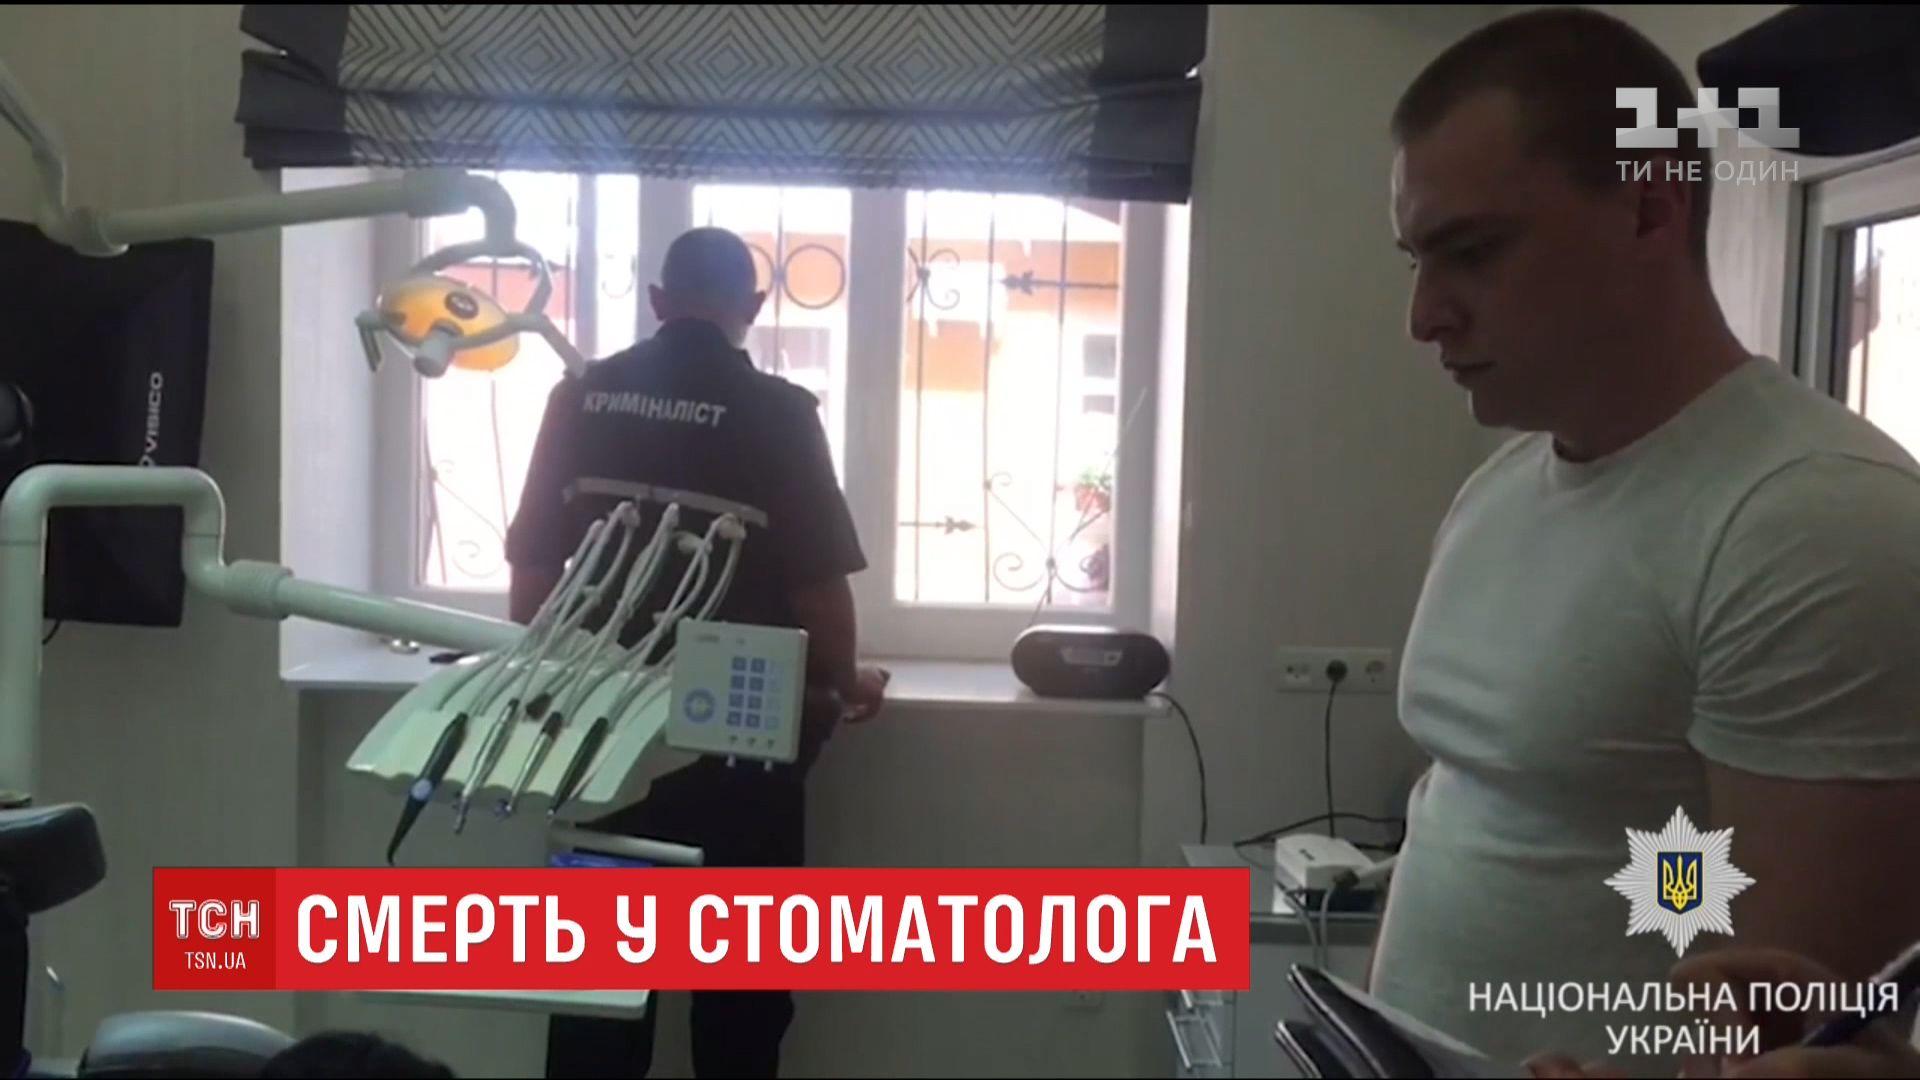 Журналістам вдалося дізнатися небагато про обставини інциденту / Кадр з відео ТСН